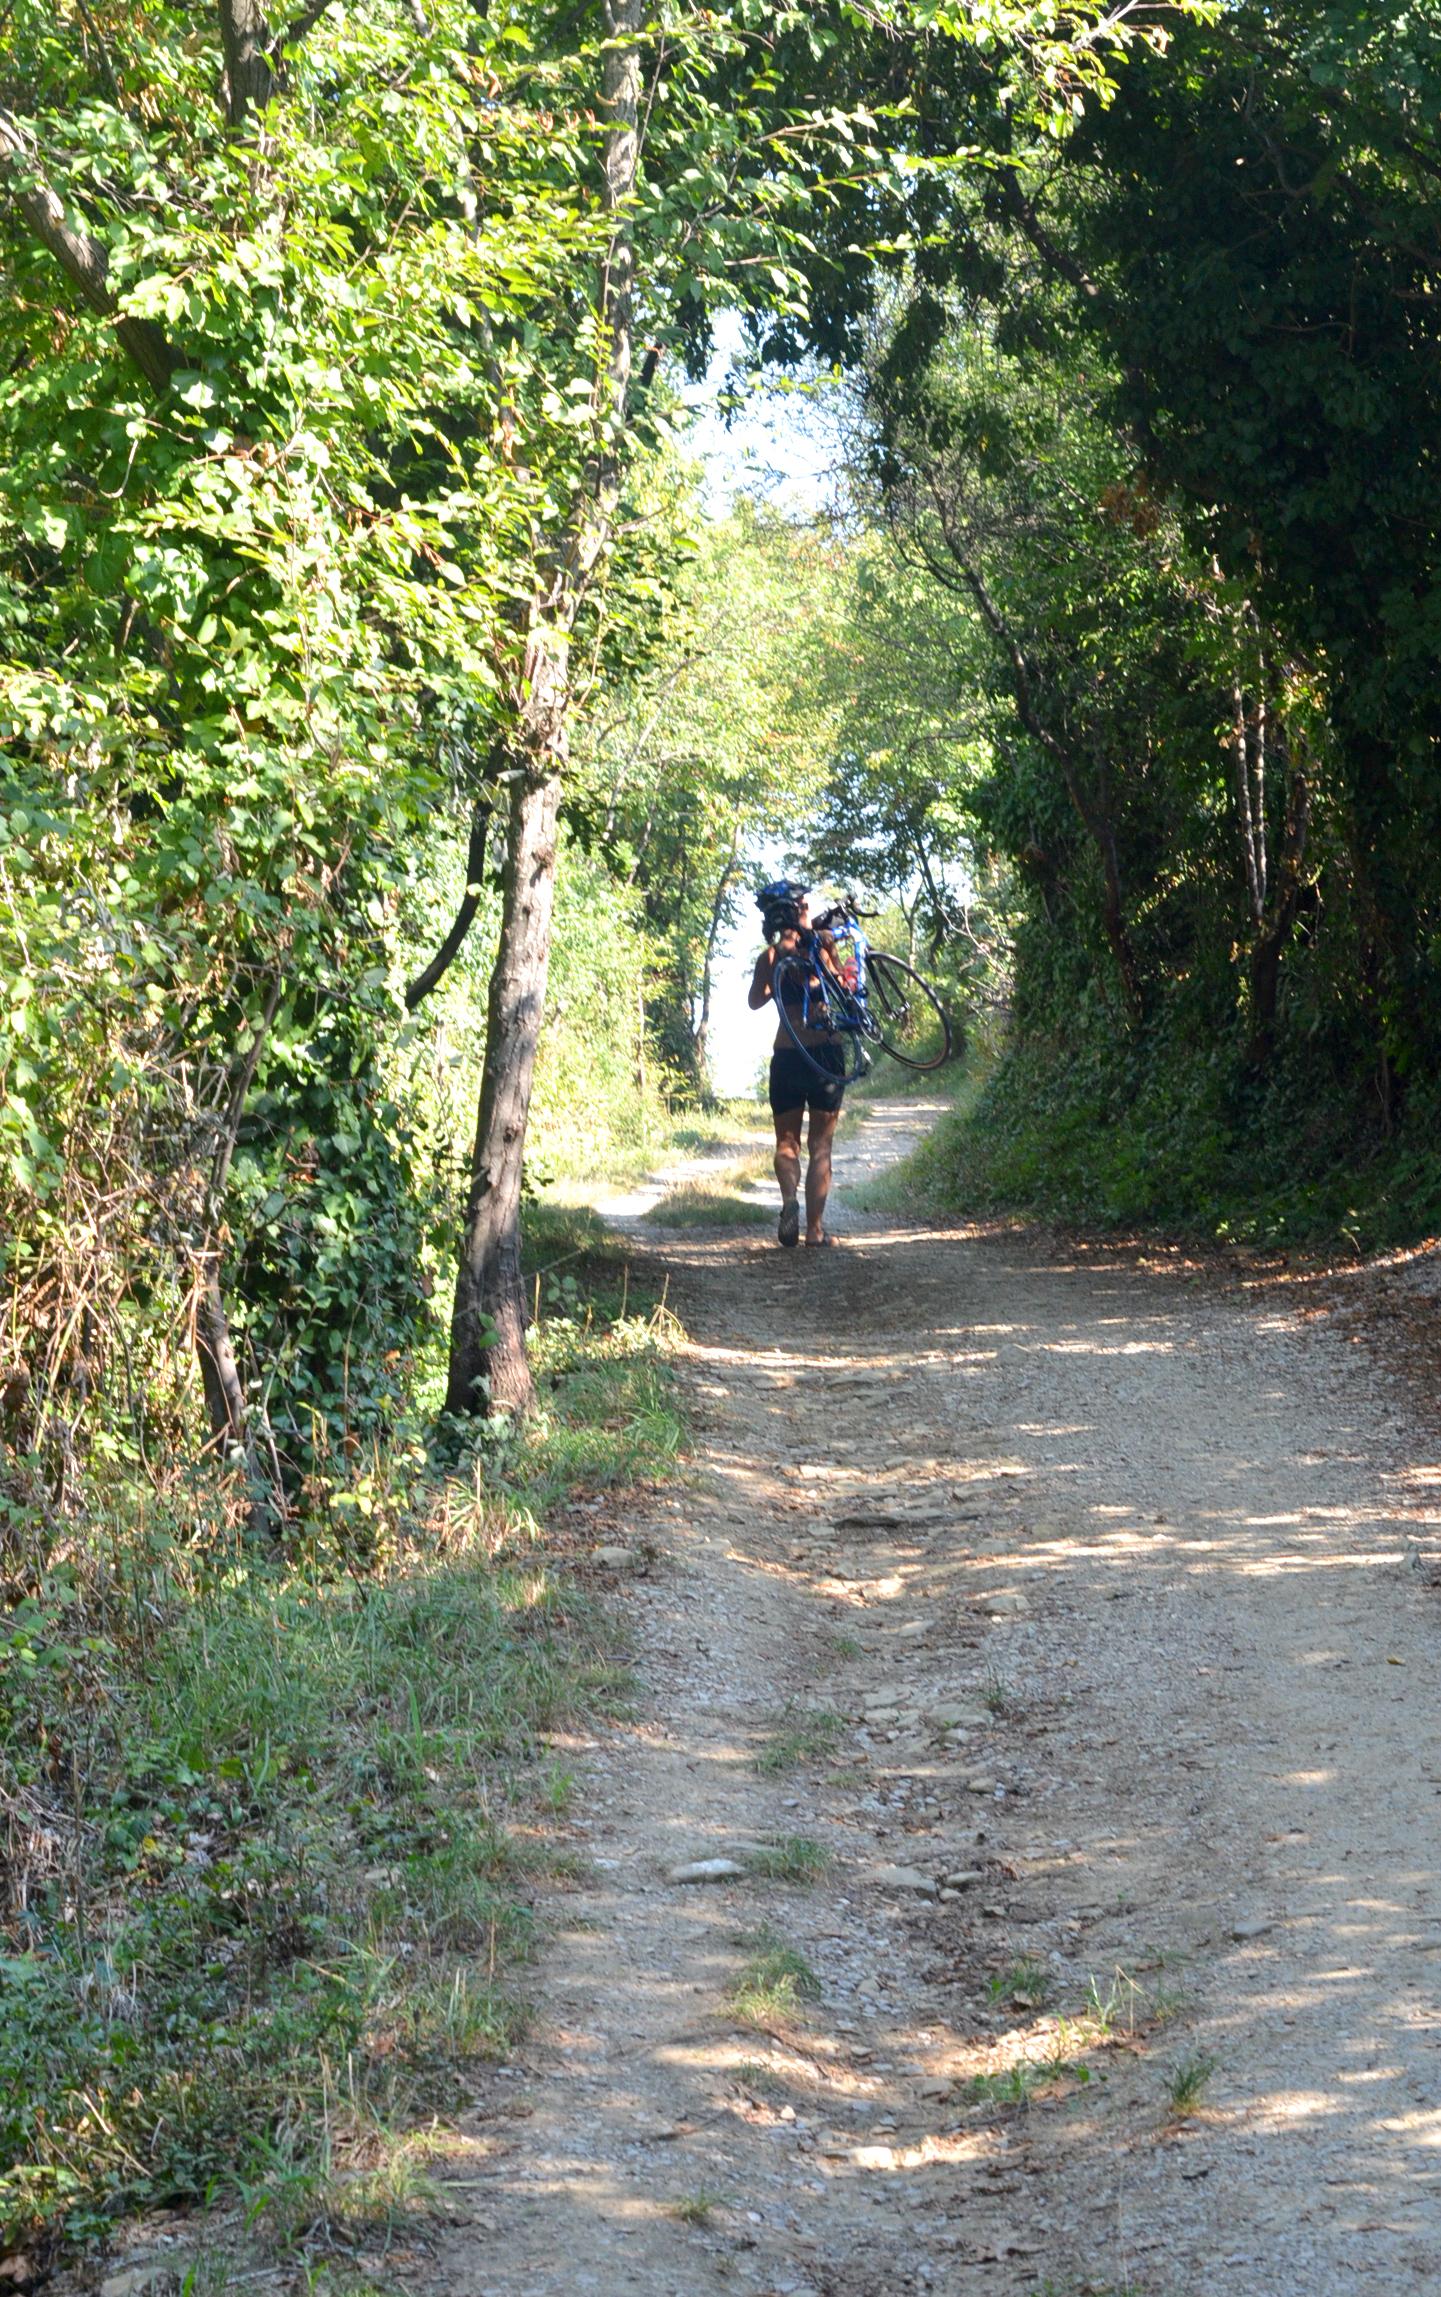 SardiniaCorsicaPhotosSPI_2566 copy.JPG